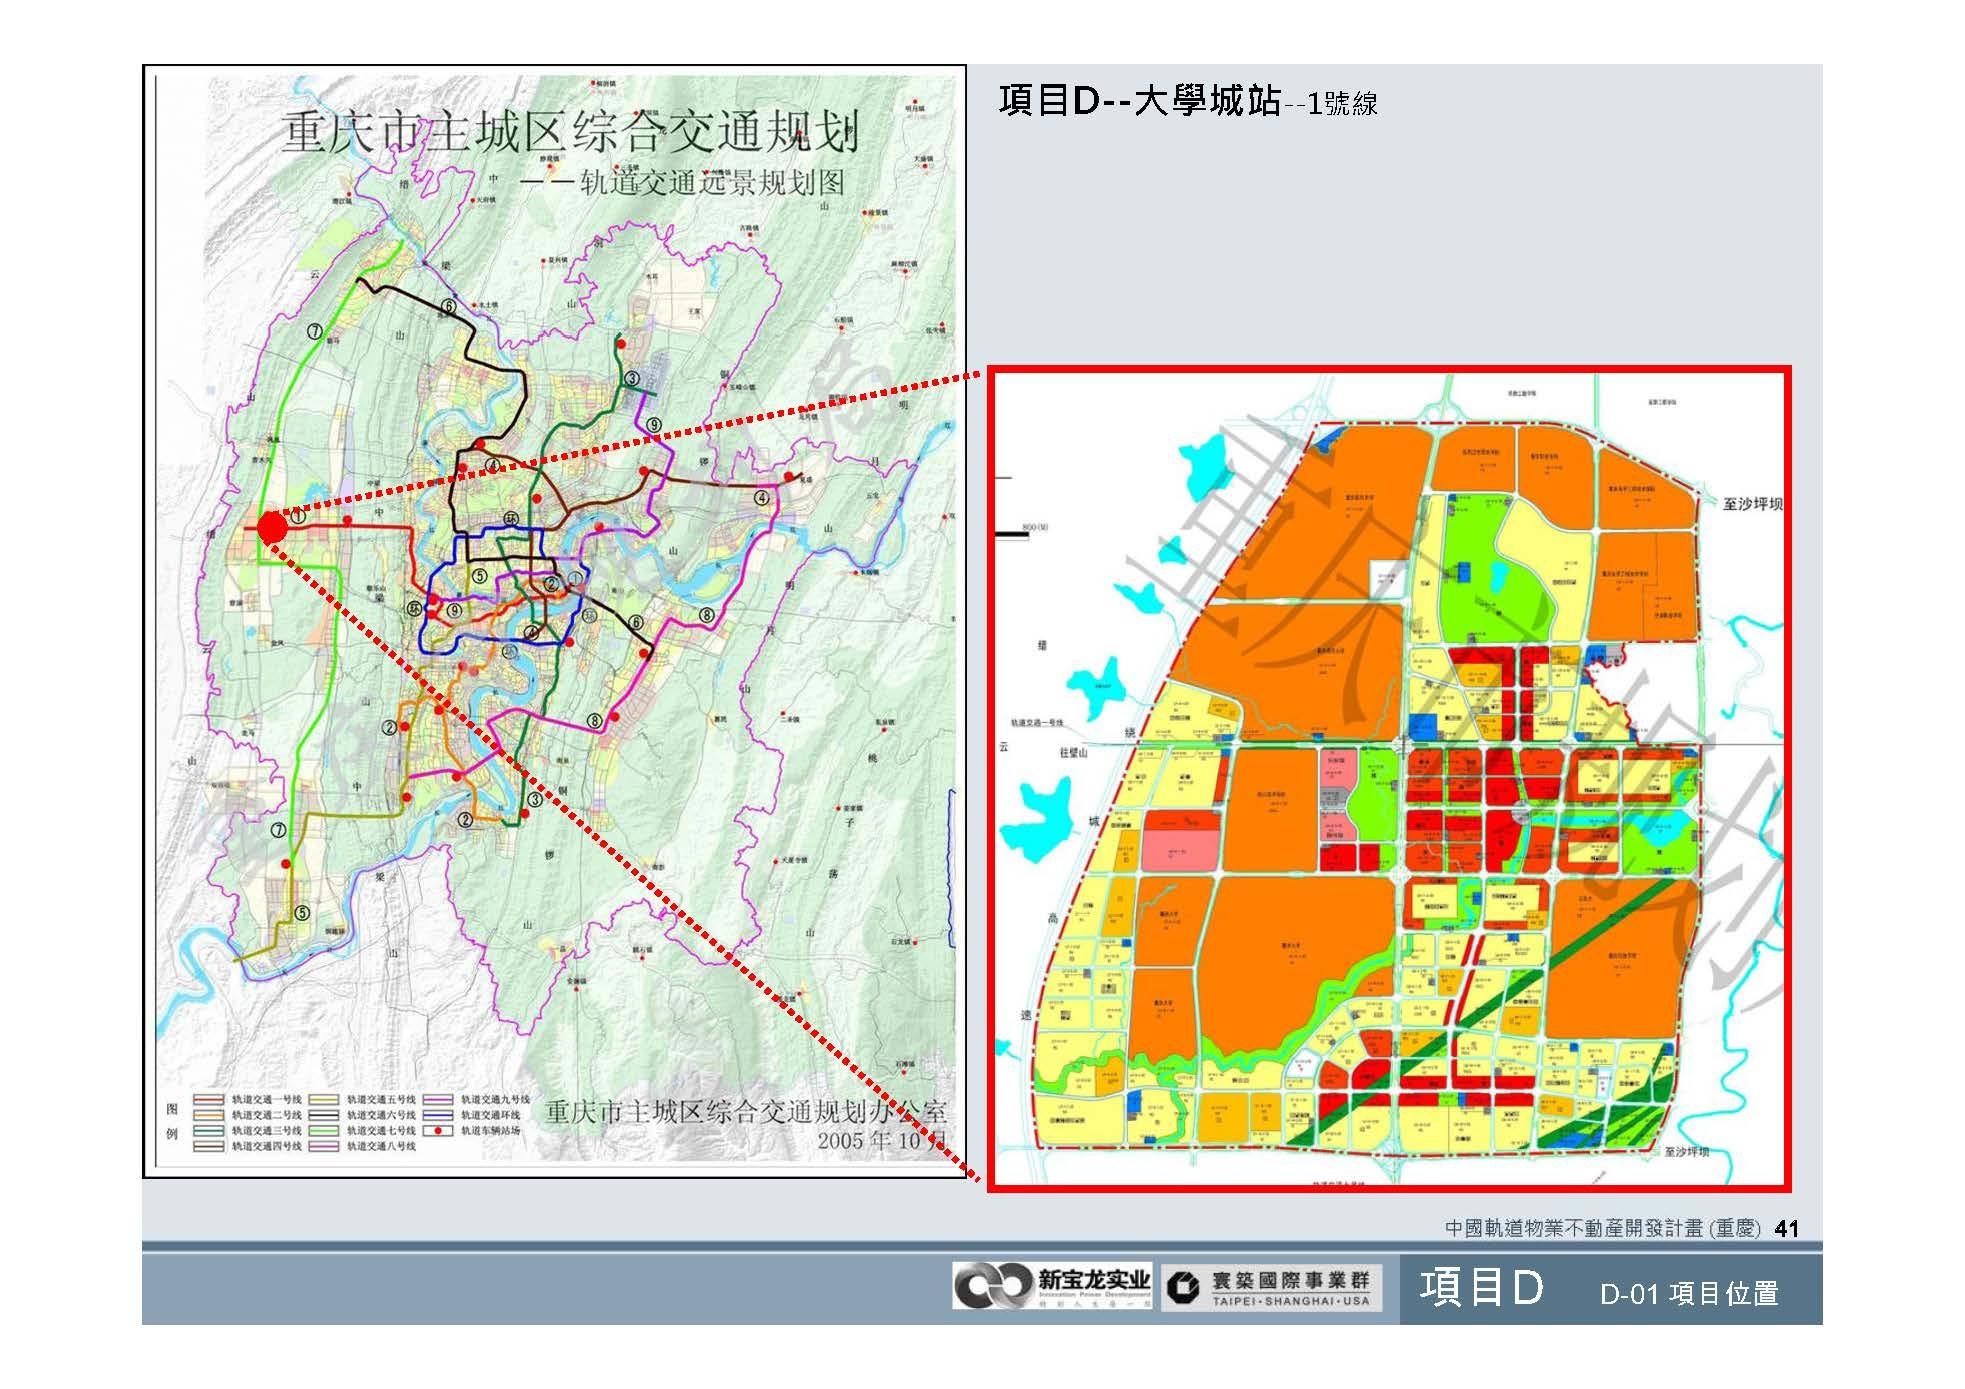 20100812-中國軌道物業不動產開發計畫(重慶)_頁面_42